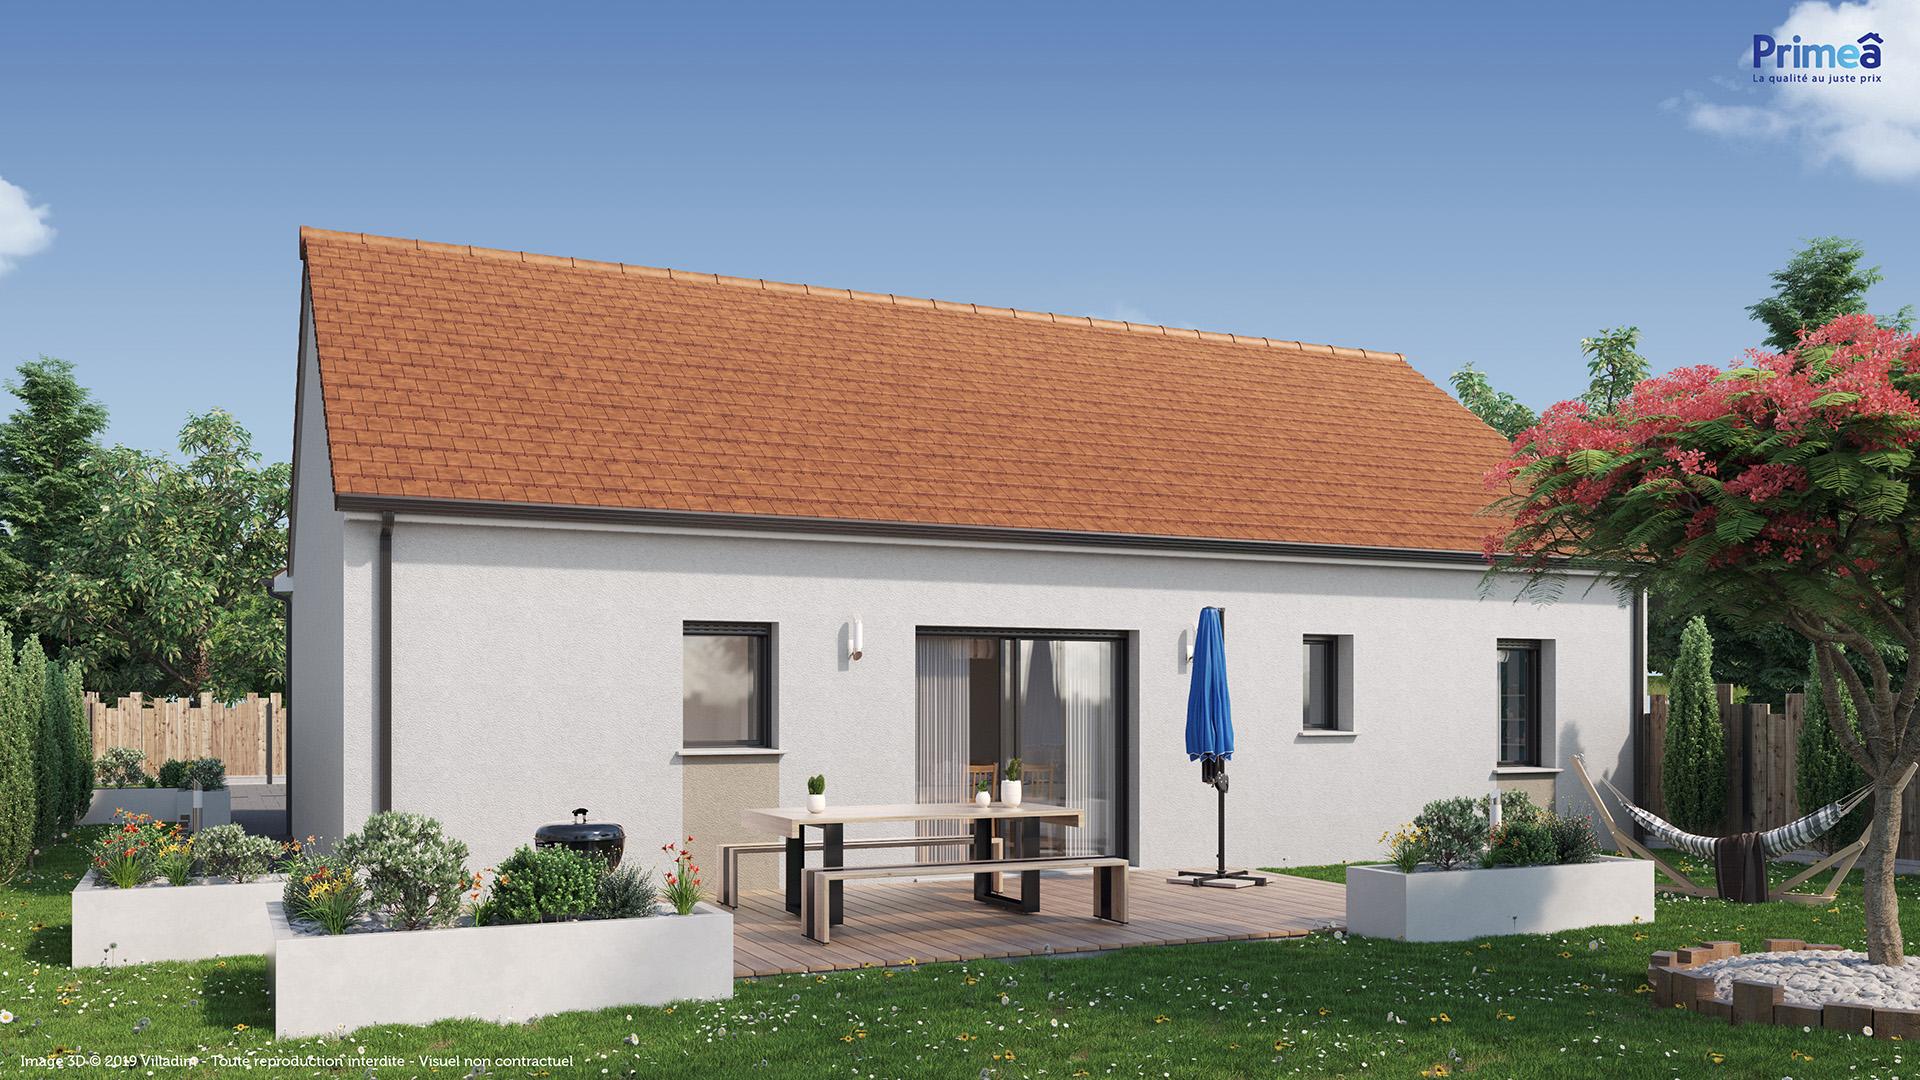 Maison 3 chambres de 75 m²